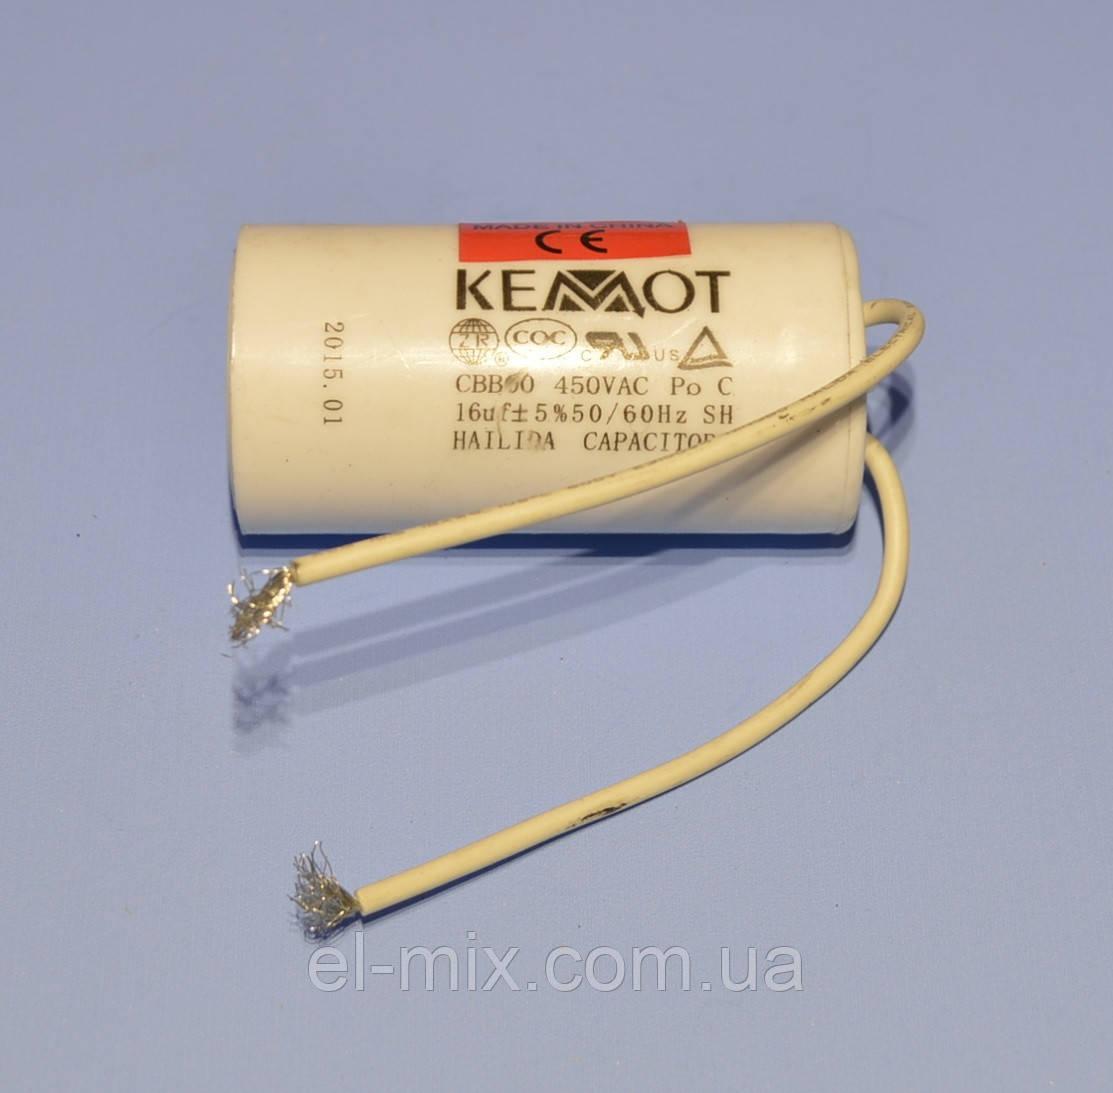 Конденсатор пуско-рабочий CBB-60  16µF 450VAC ±5% провода, 35*72мм  Kemot  URZ3211